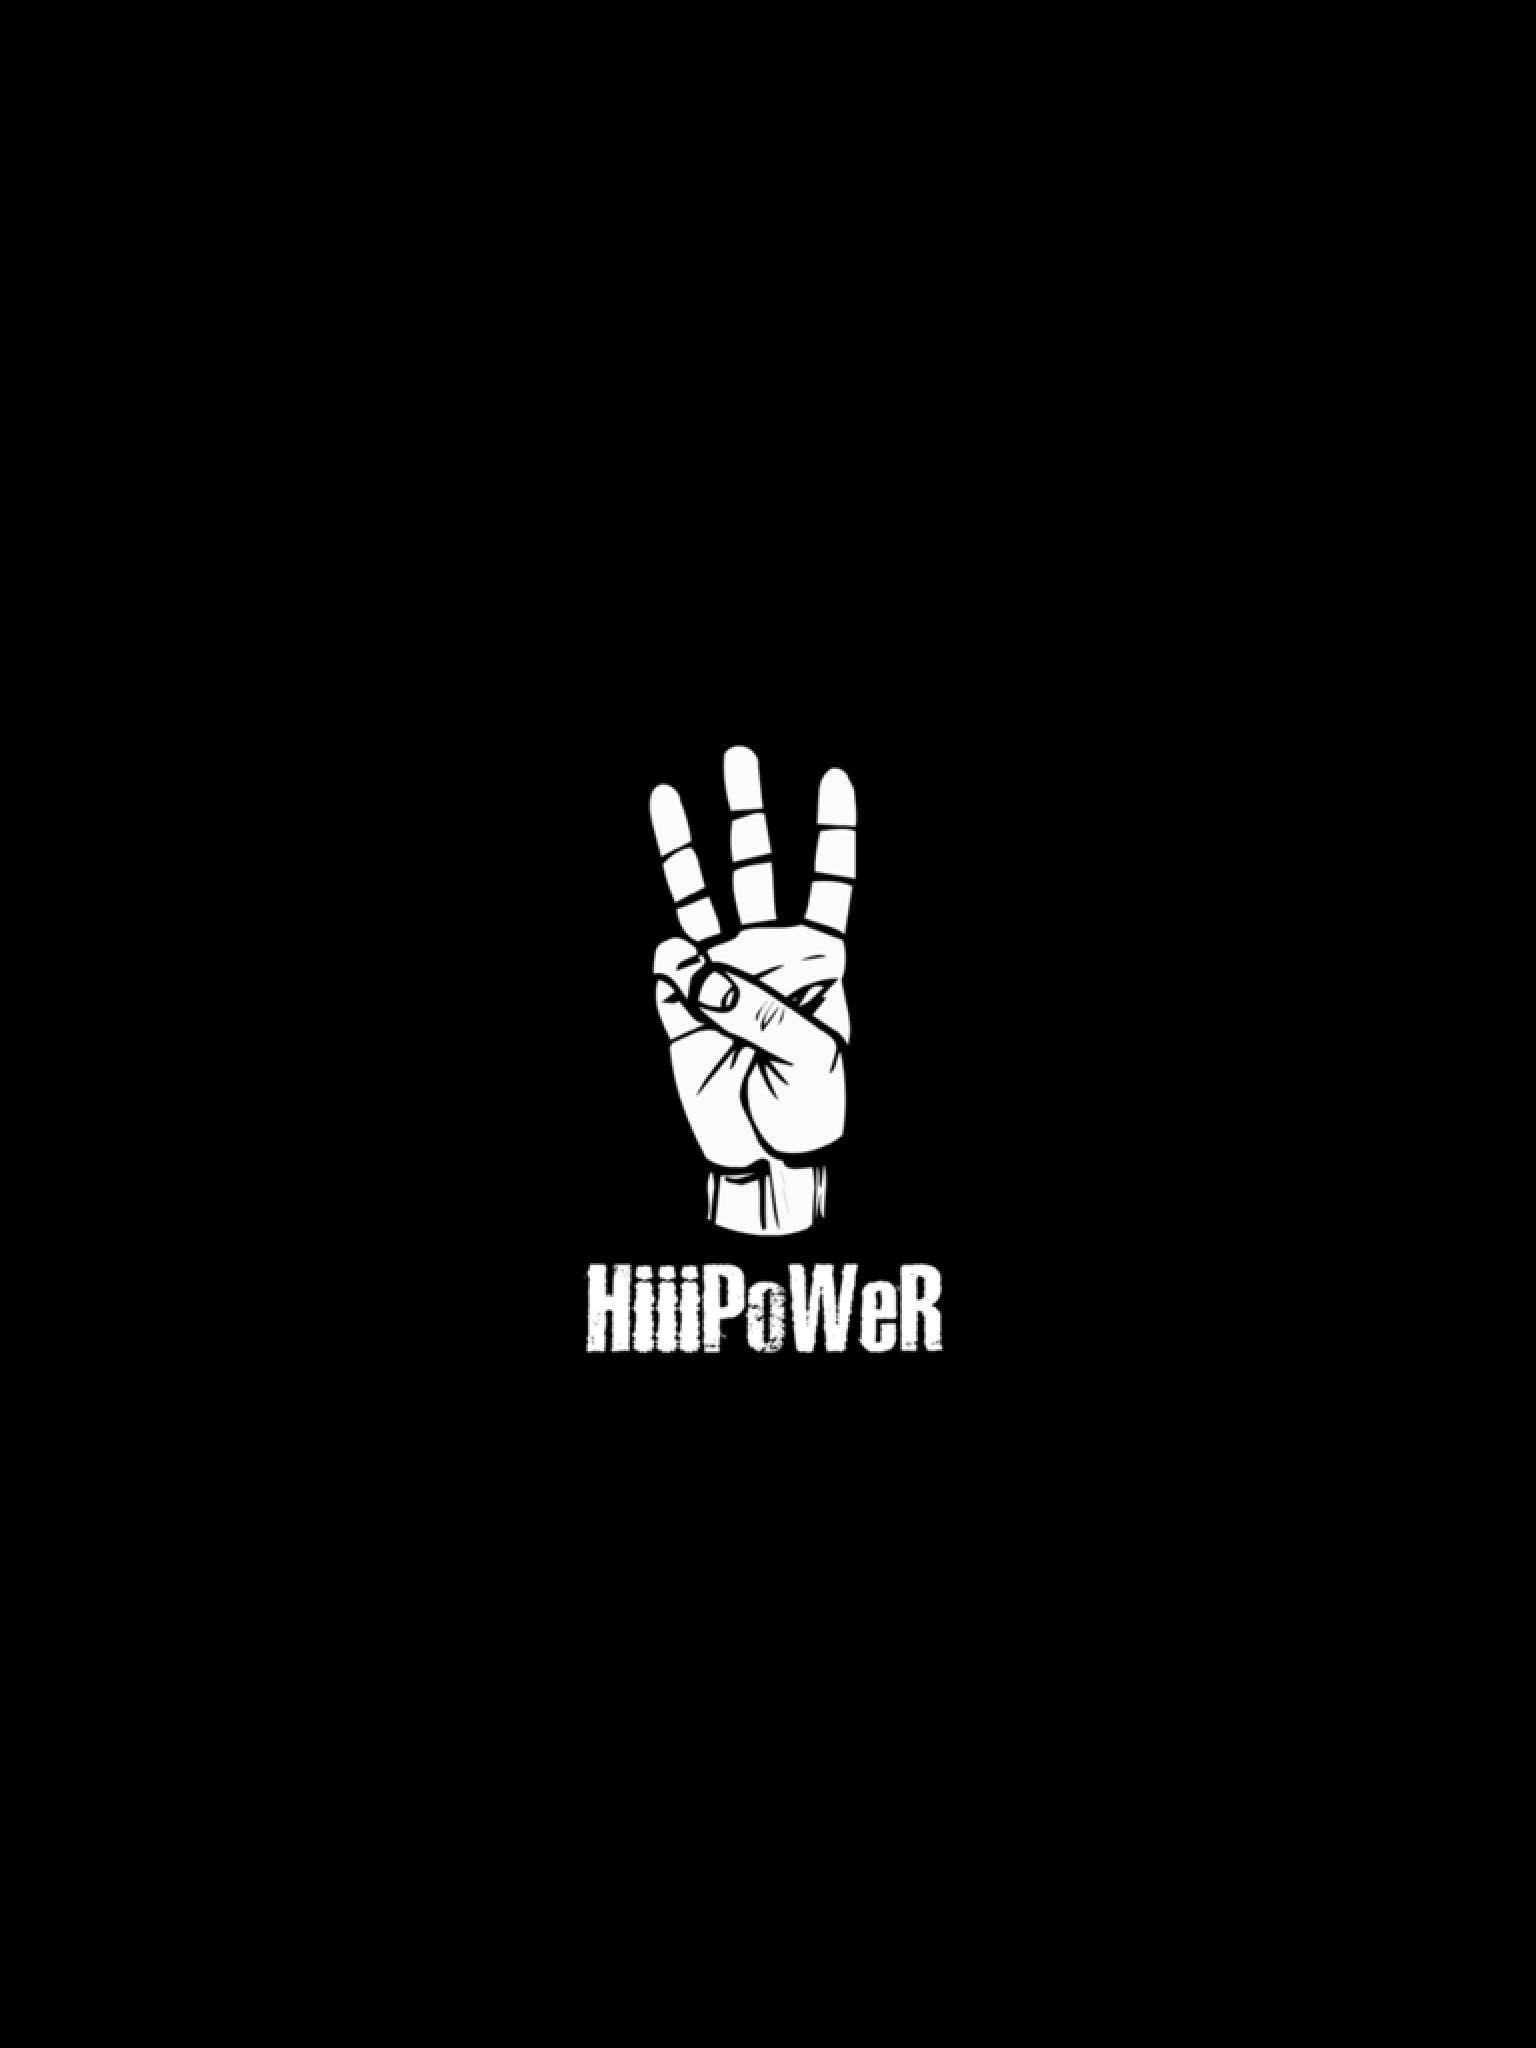 HiiiPower | Music | Pinterest | Kendrick lamar, Hip hop ...